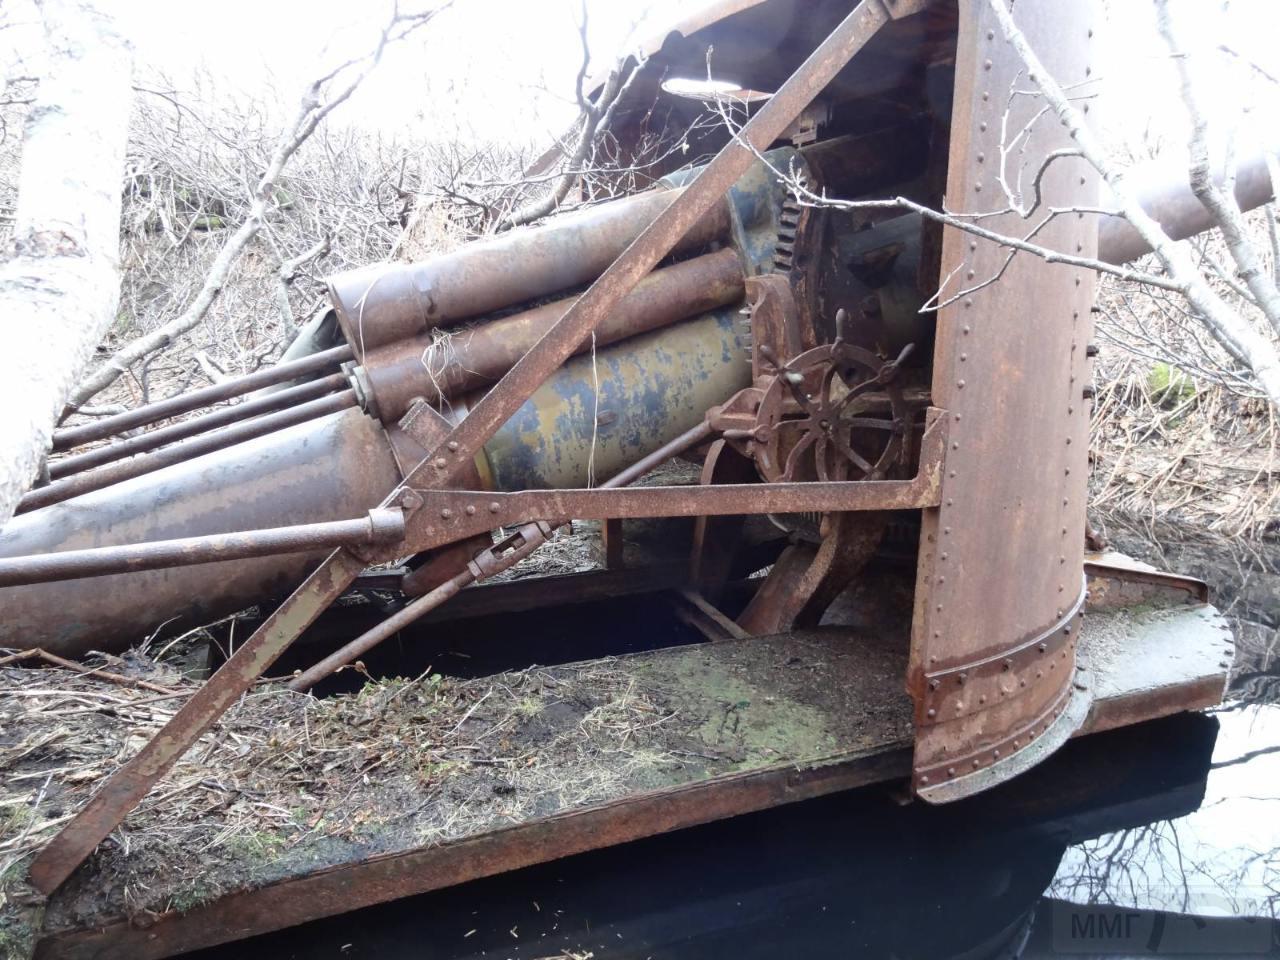 12392 - Корабельные пушки-монстры в музеях и во дворах...